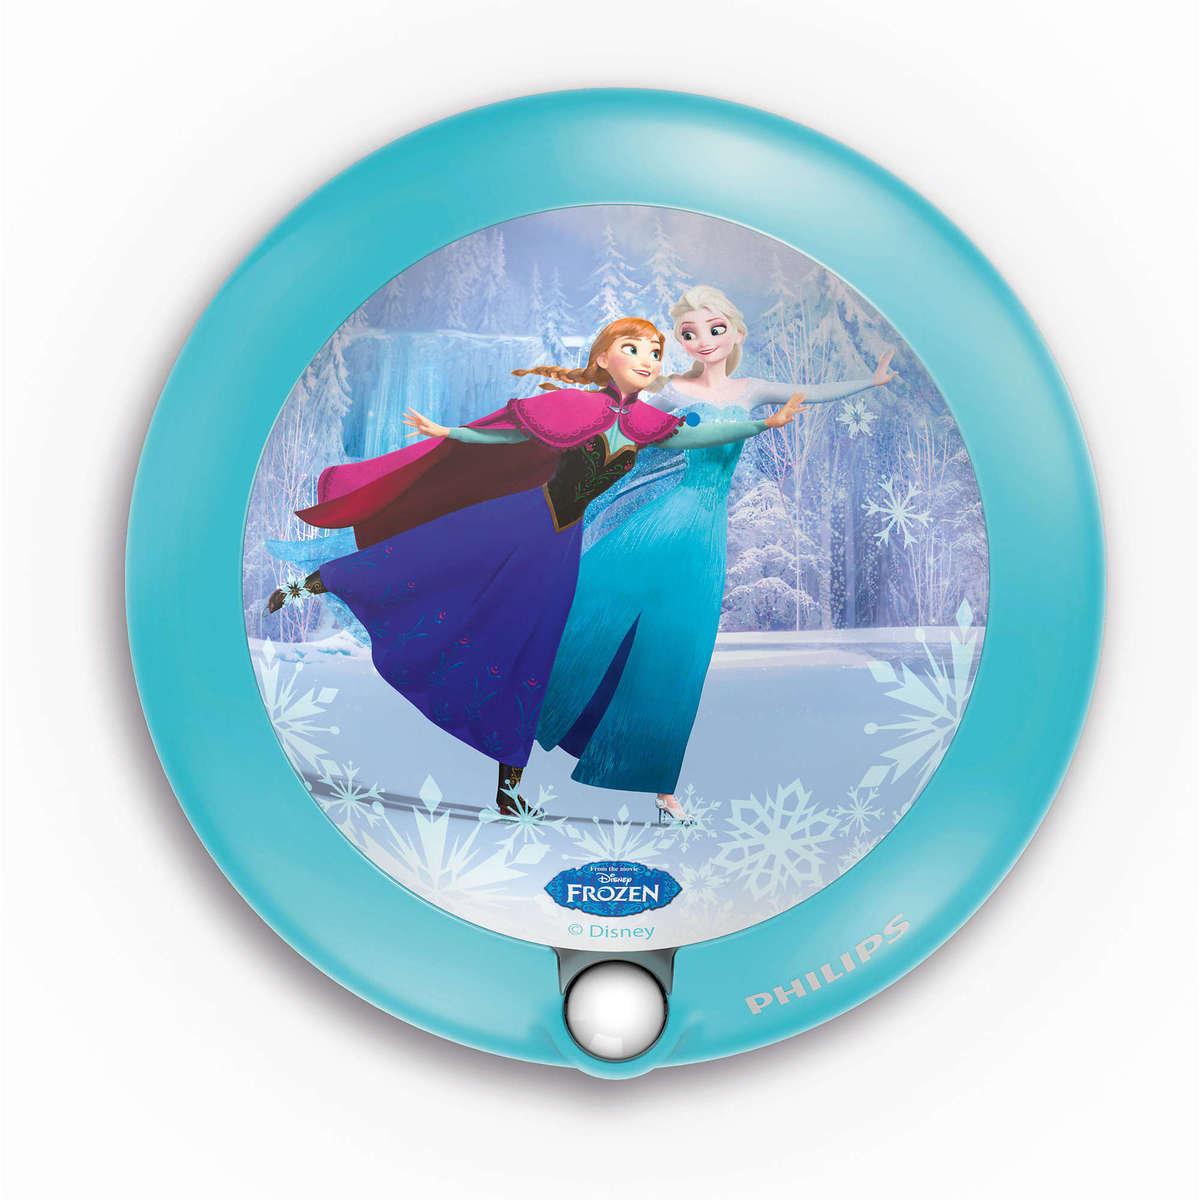 71765 Disney 冰雪奇緣感應夜燈